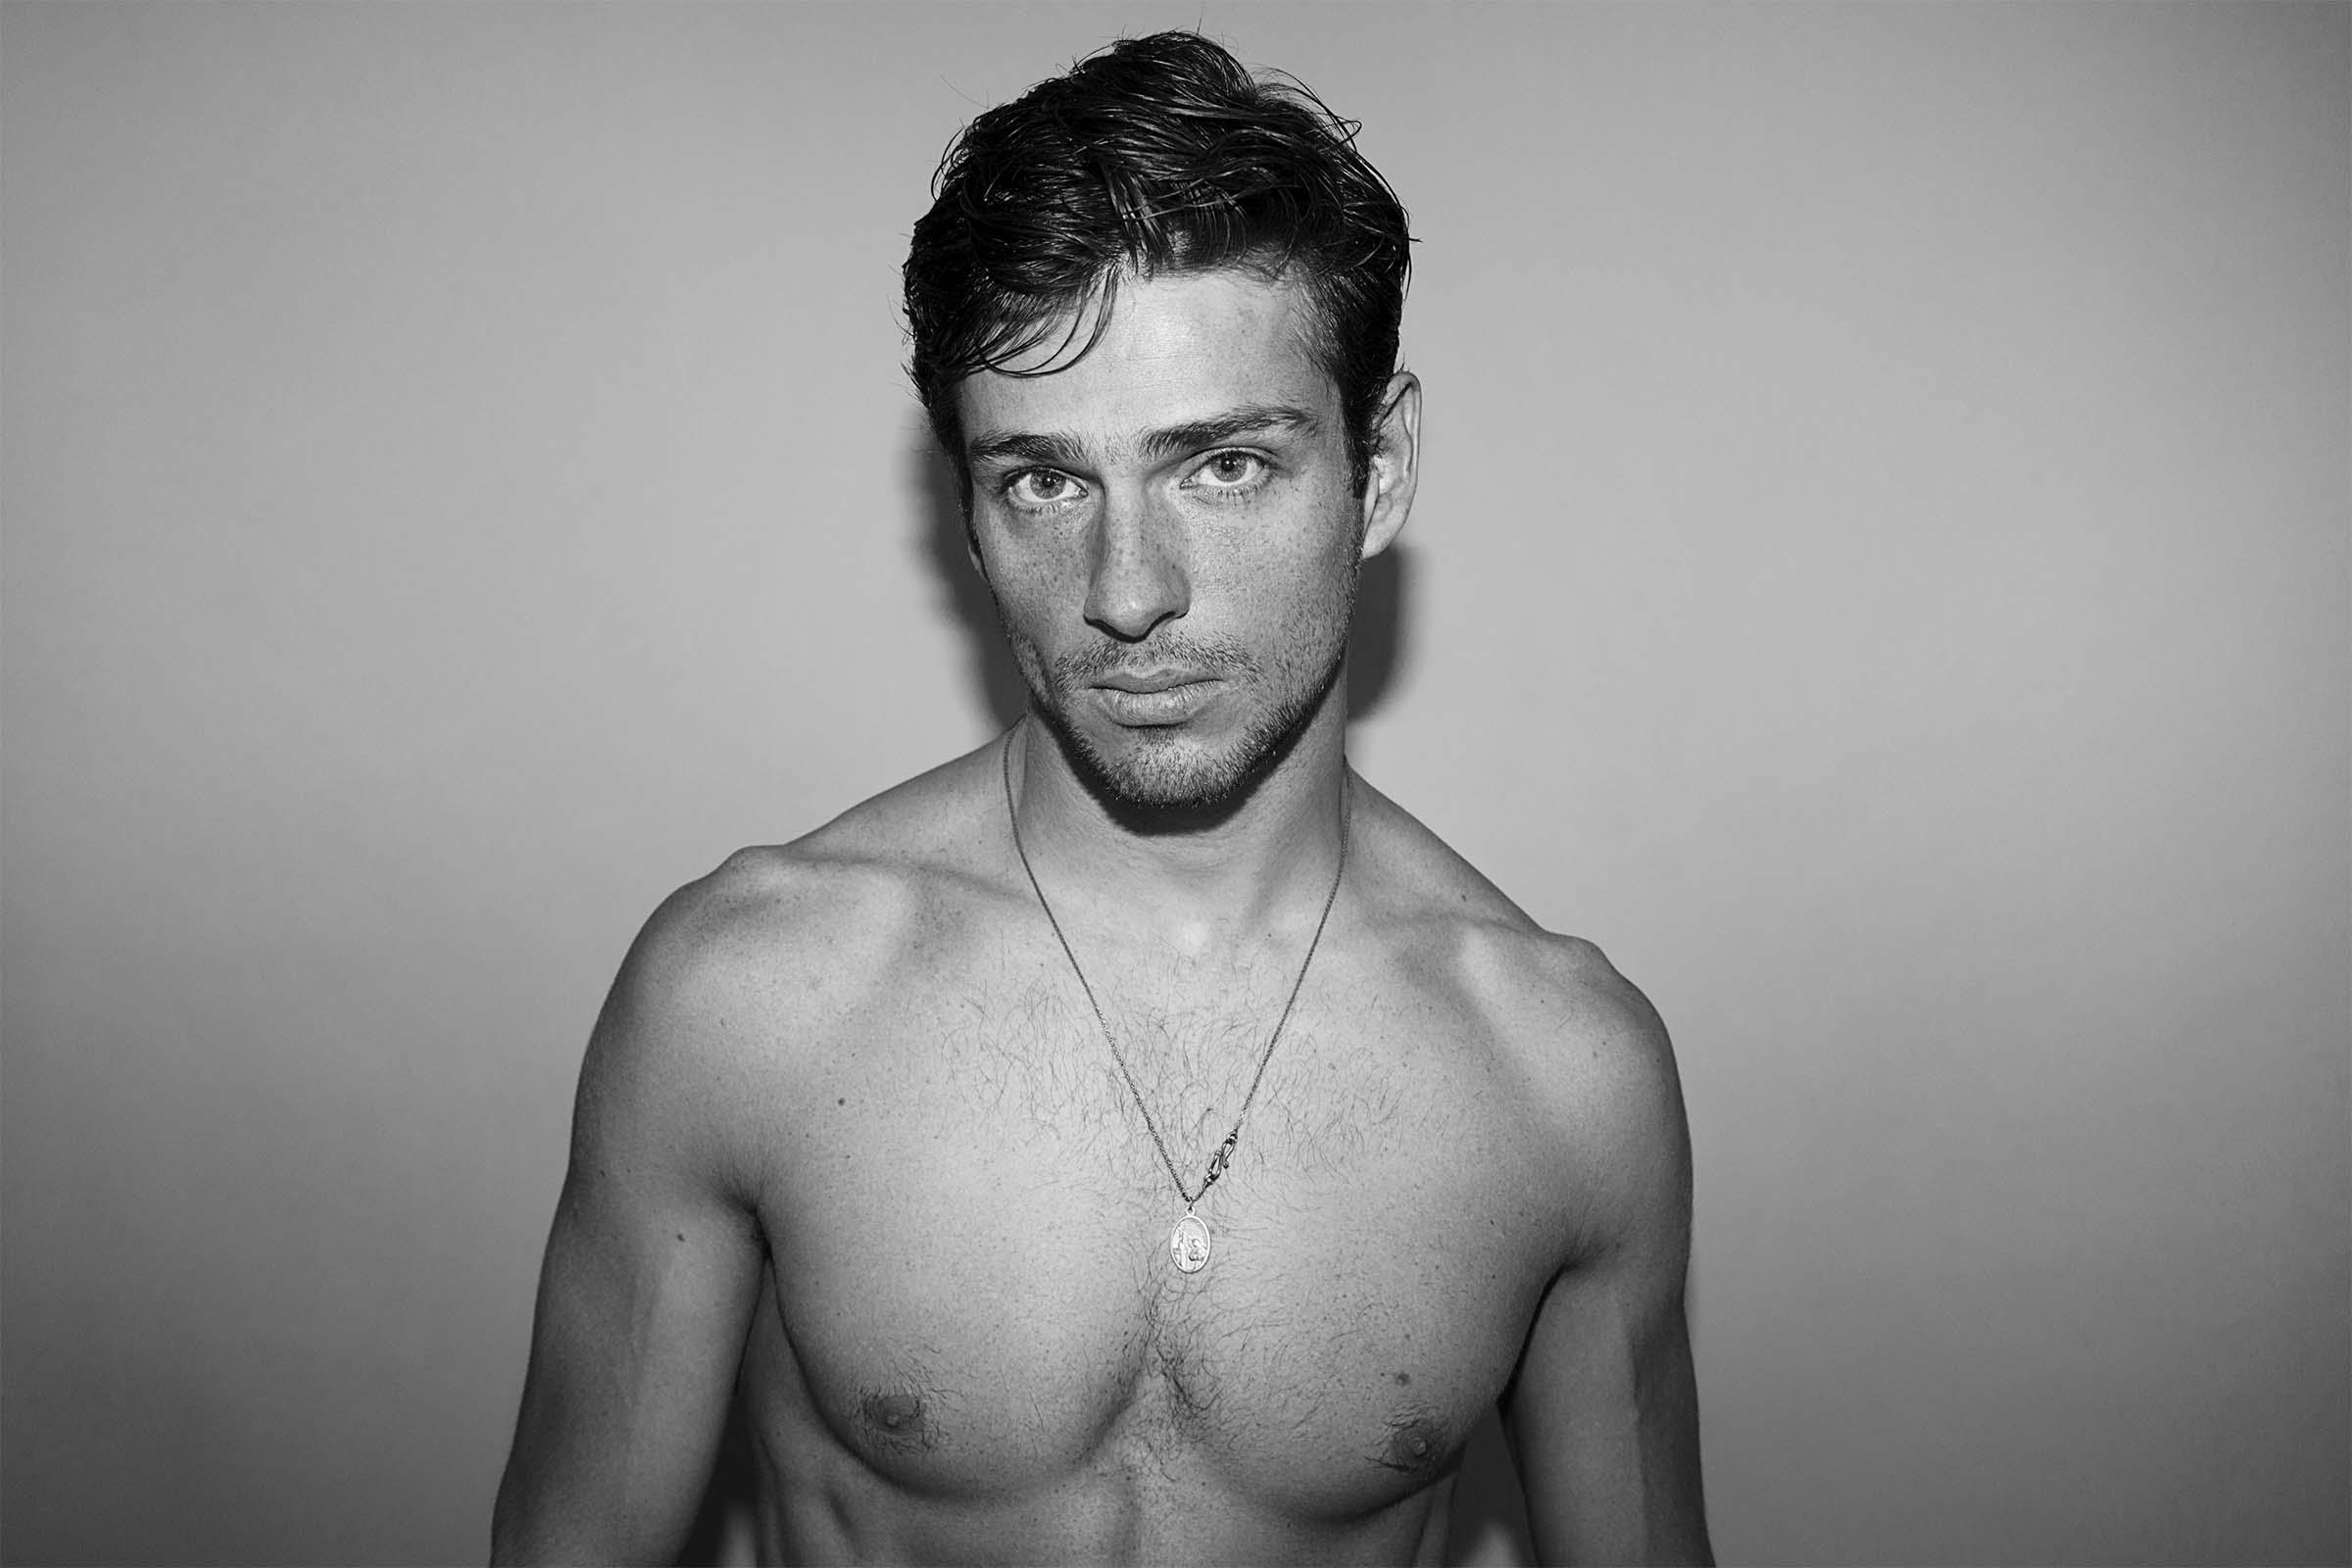 Lucas Mascarini by Omer Faraj for Brazilian Male Model